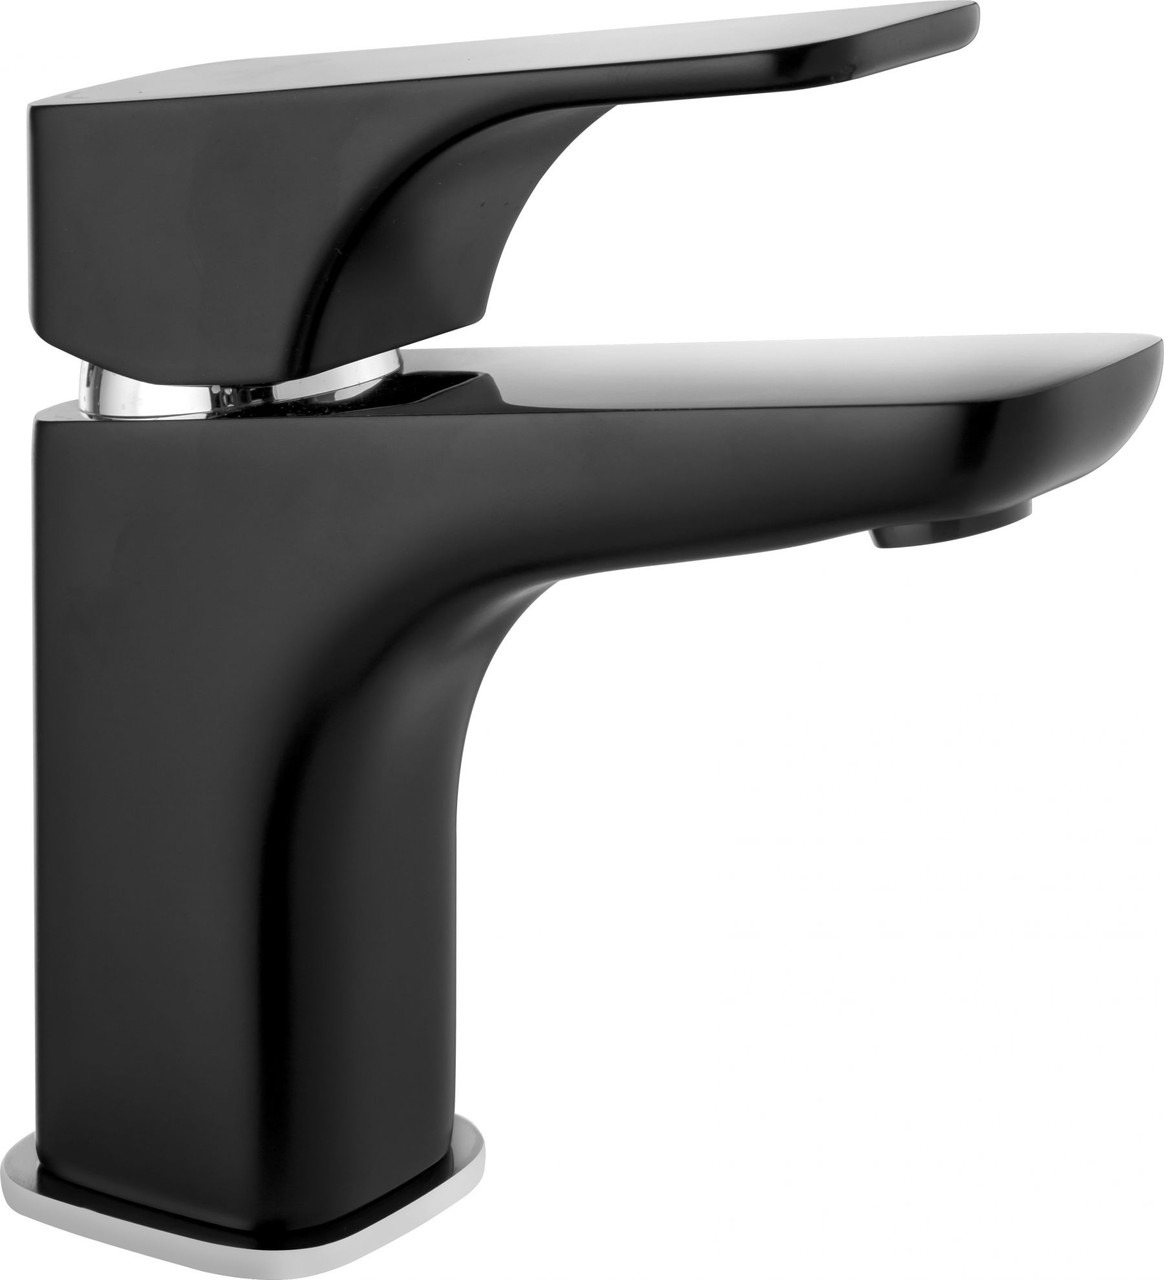 Смеситель для умывальника Deante HIACYNT  с системой click-clack, хром/черный